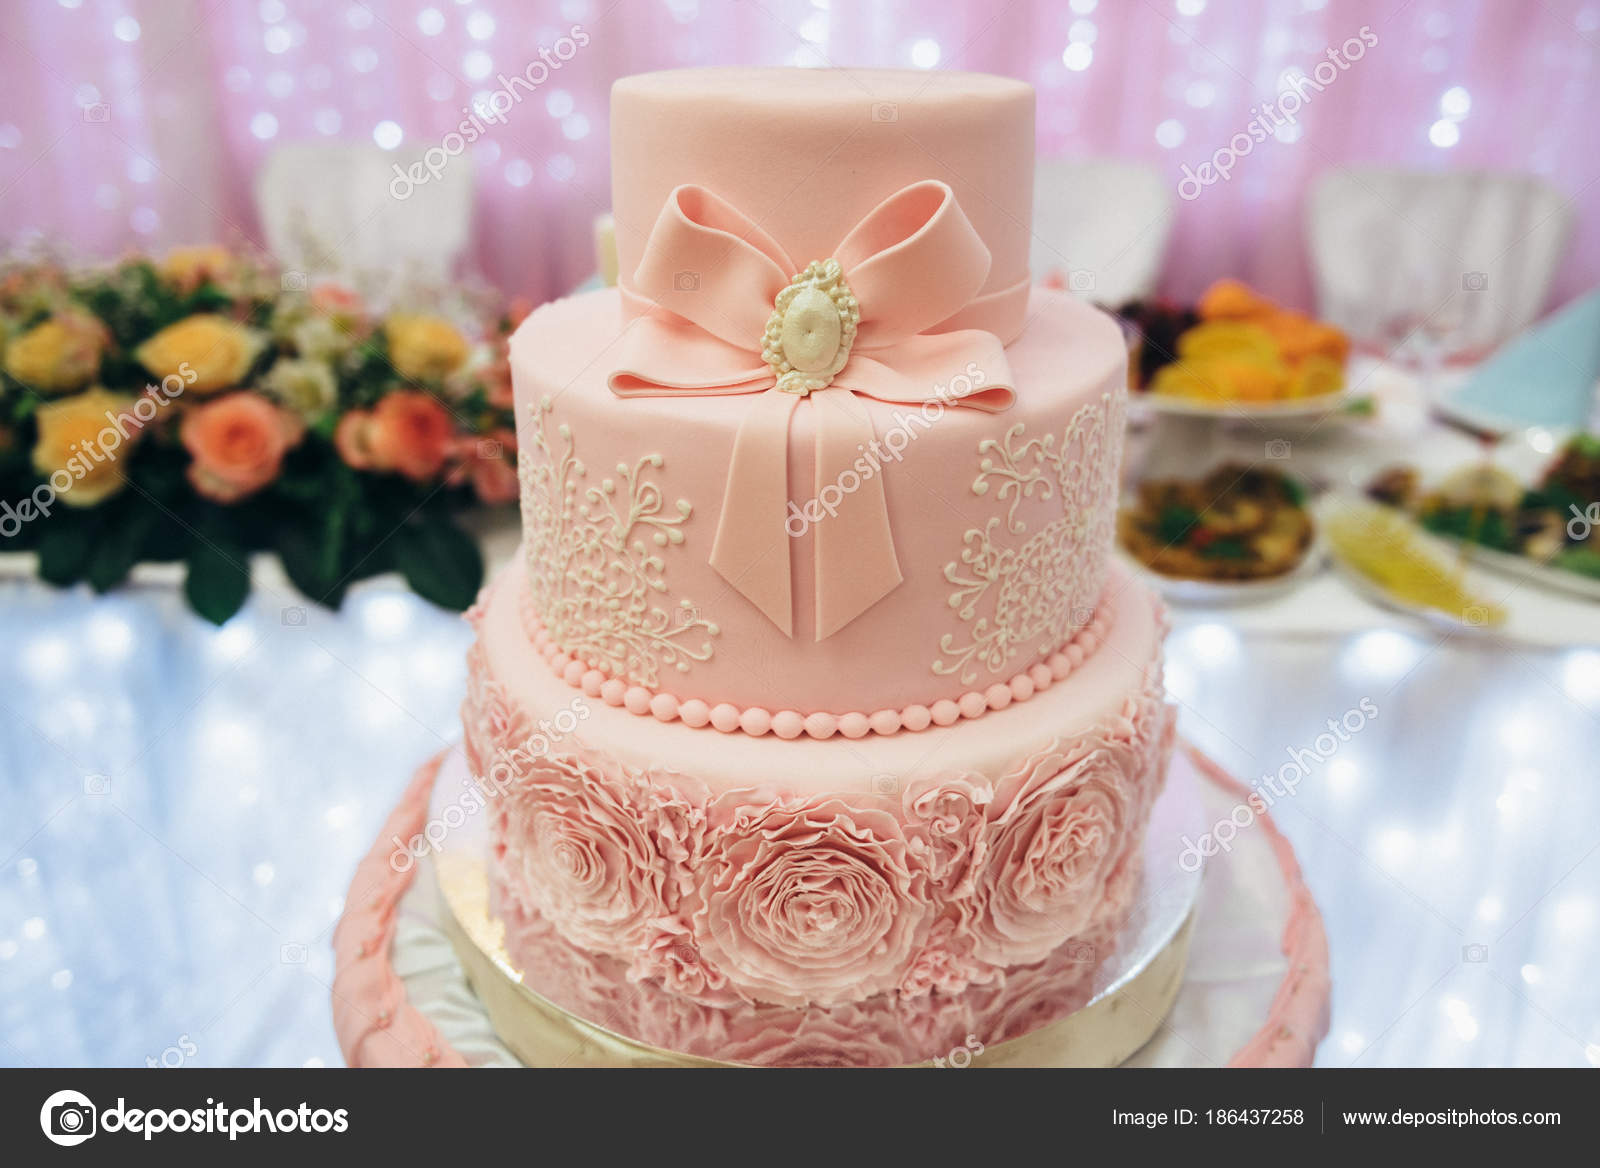 Imágenes Pasteles Para Boda: Imágenes: Pasteles Bonitos Para Cumpleaños